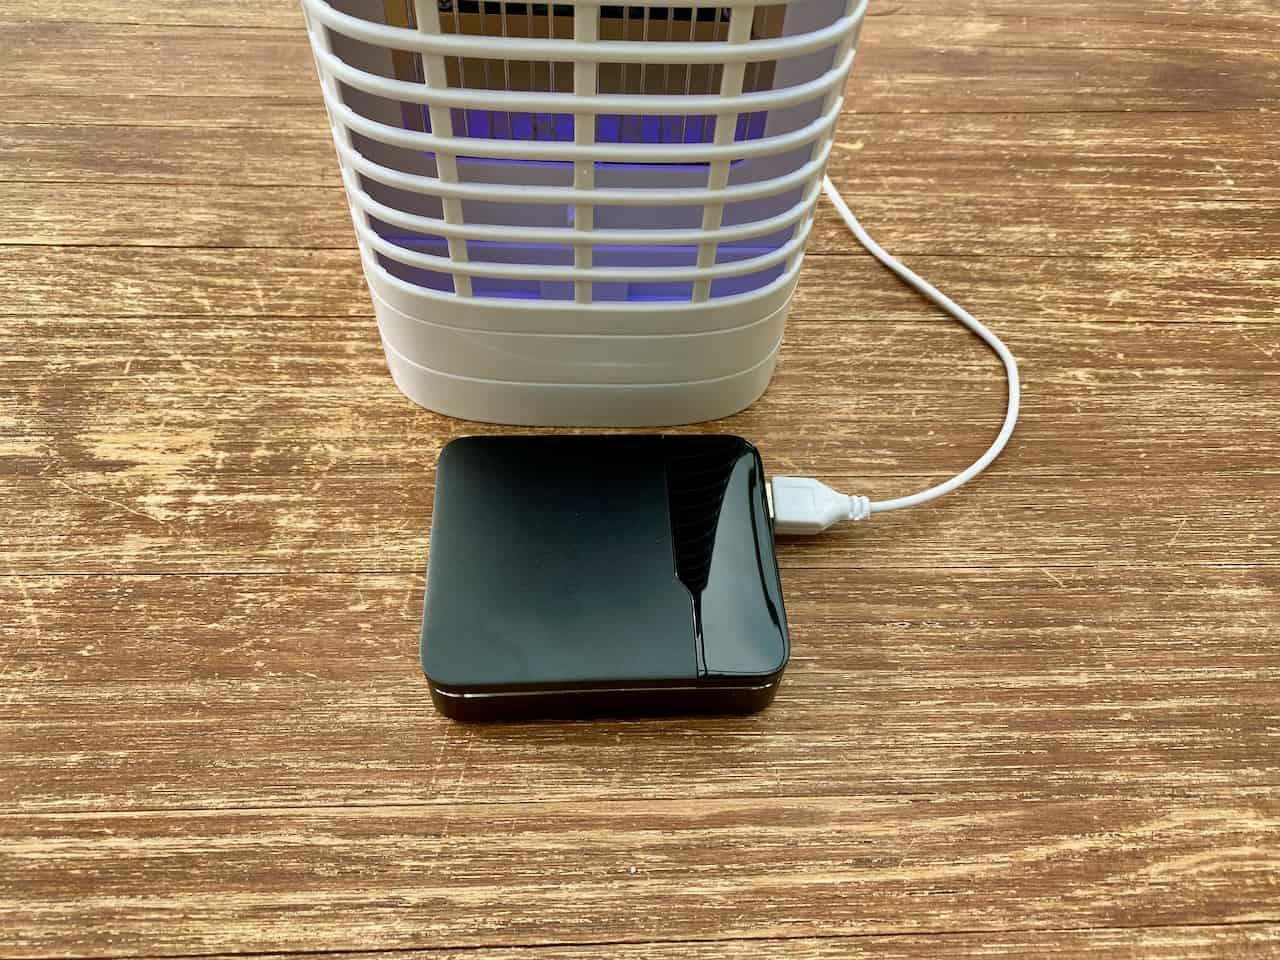 UV-Insektenvernichter-Mückenvernichter-Mückengriller-Fliegenklatsche-Powerbank-ElephantStory-im-Einsatz